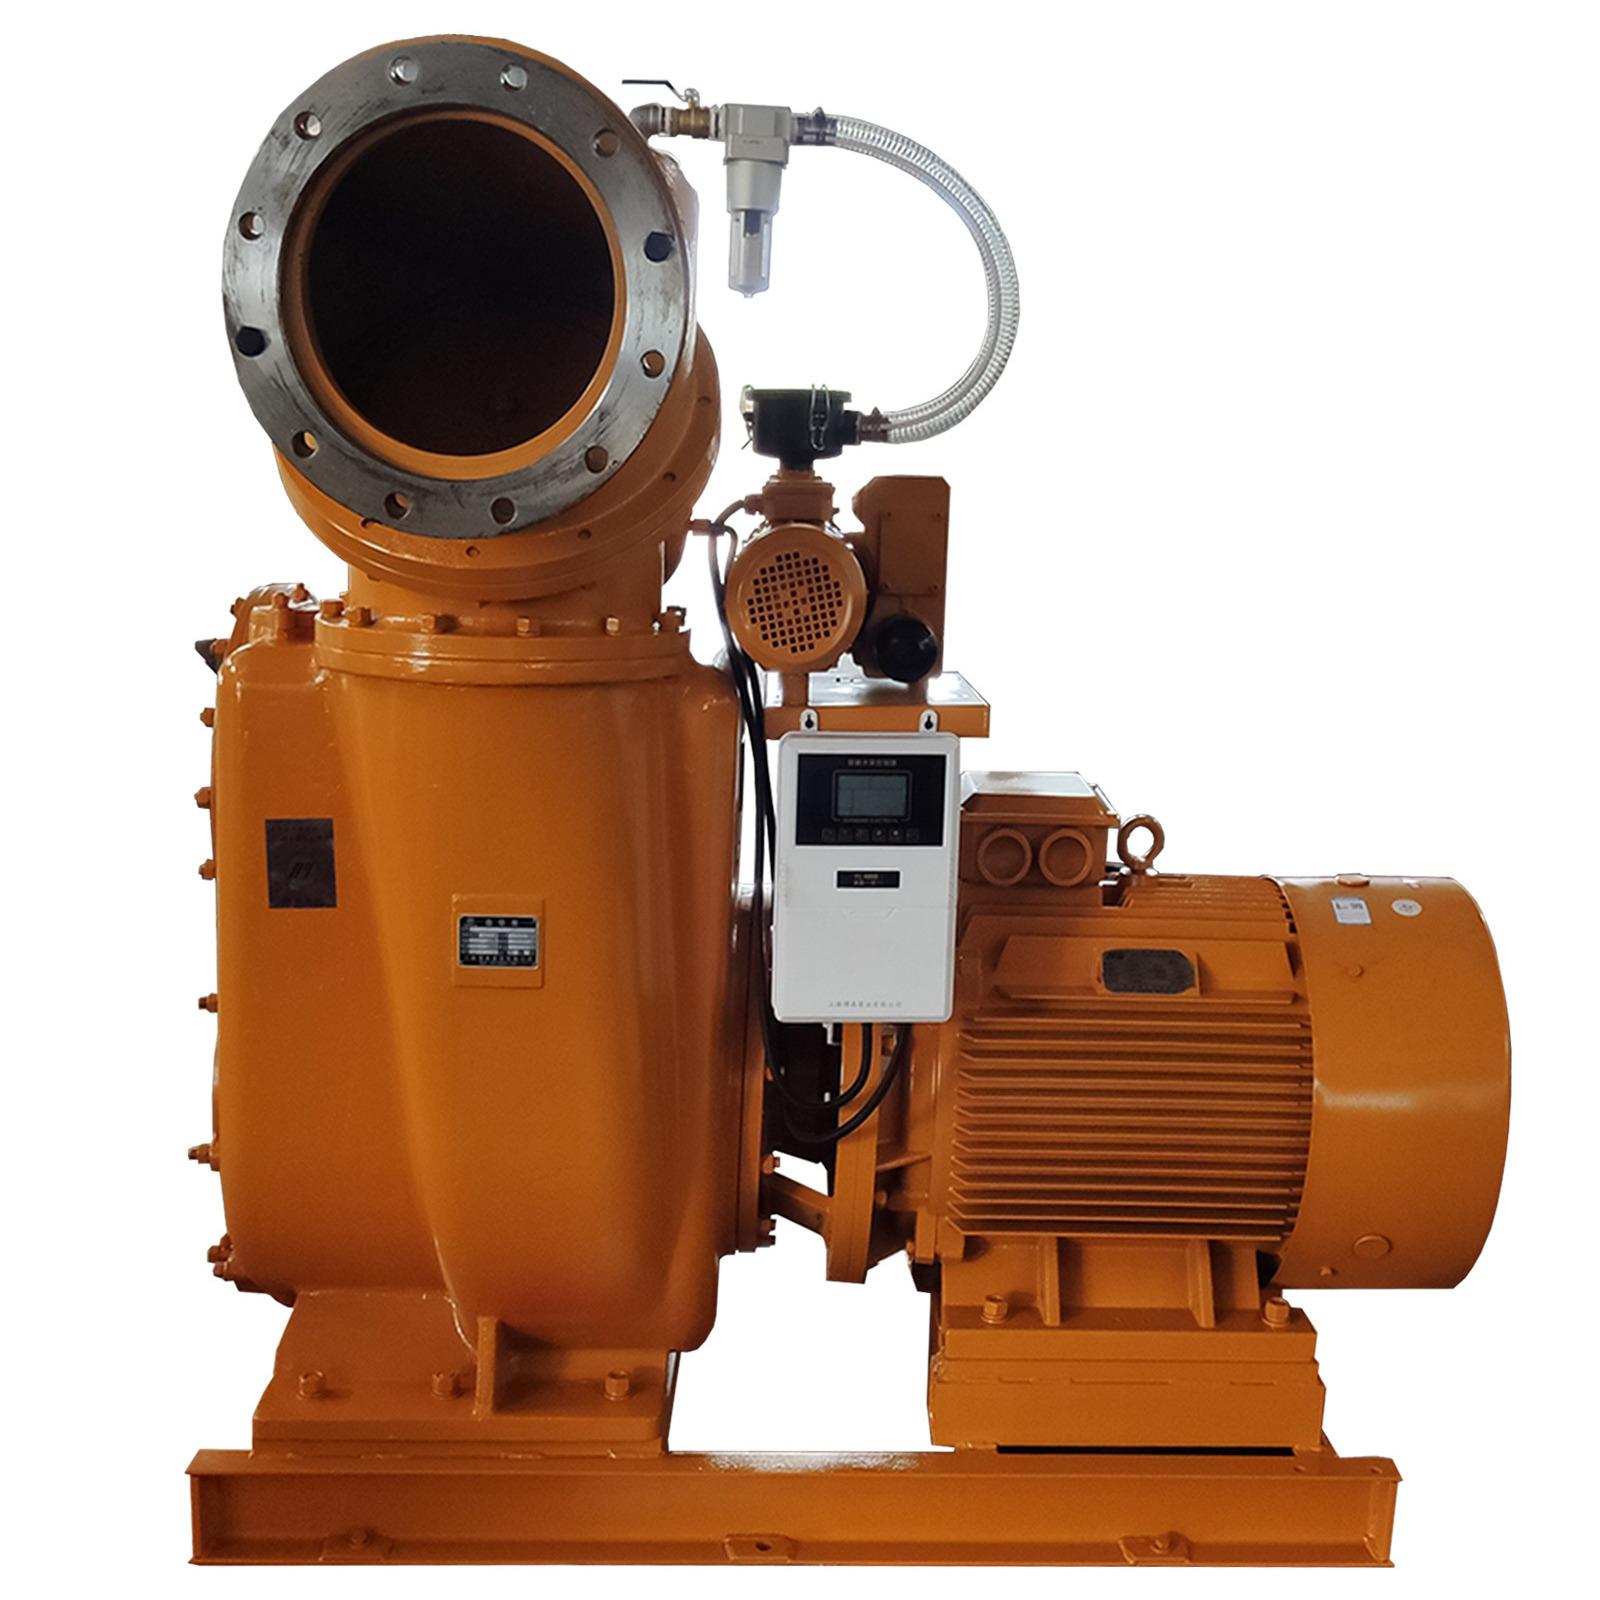 帶便拆清污板的真空自吸泵 可側面可正面吸水的高吸程自吸泵 開式葉輪真空輔助自吸泵